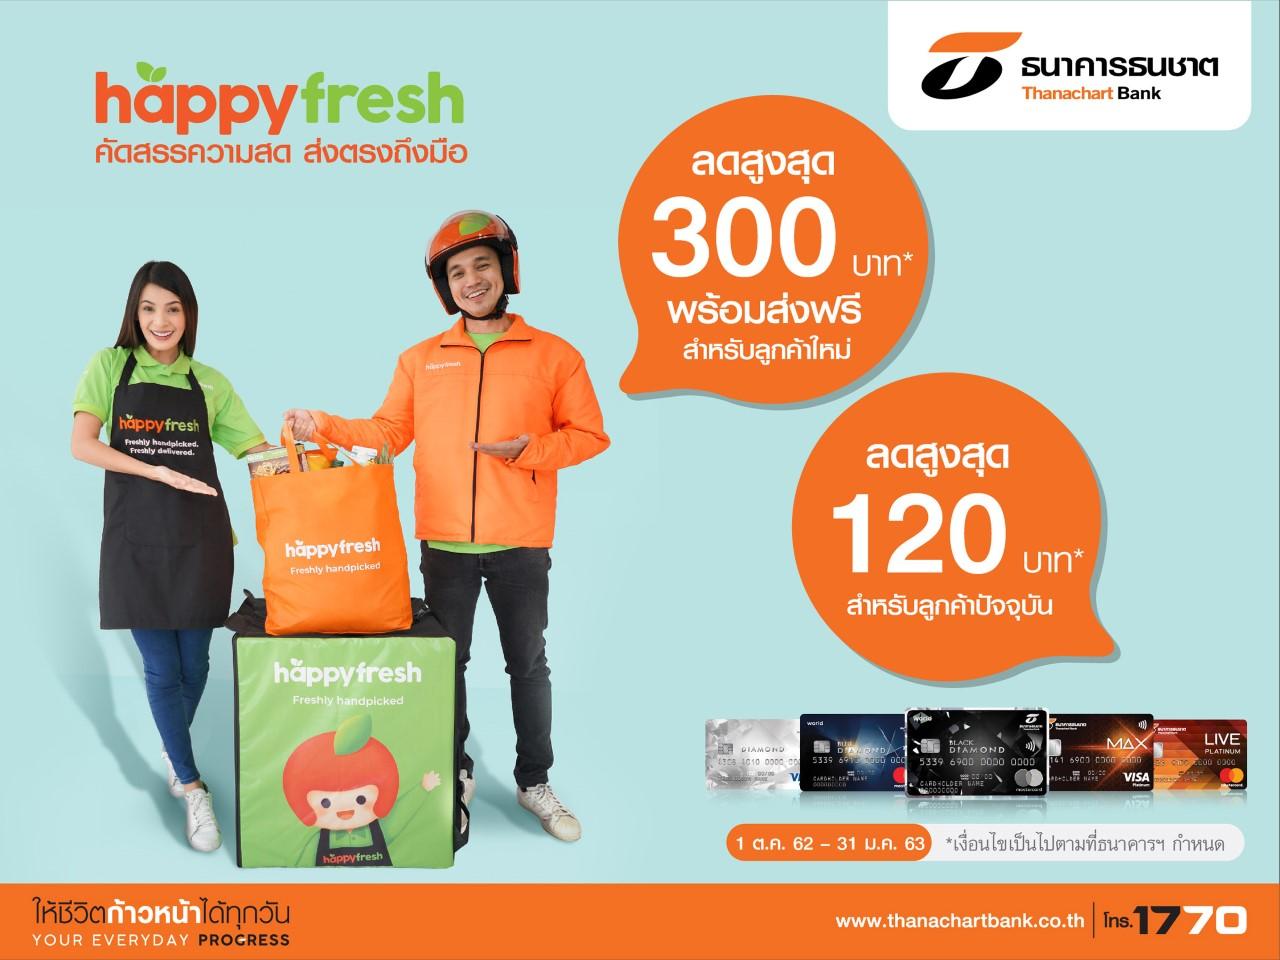 ธนชาต ชวนช้อปออนไลน์กับ HappyFresh จ่ายง่ายรับส่วนลด ทั้งลูกค้าเก่า-ใหม่